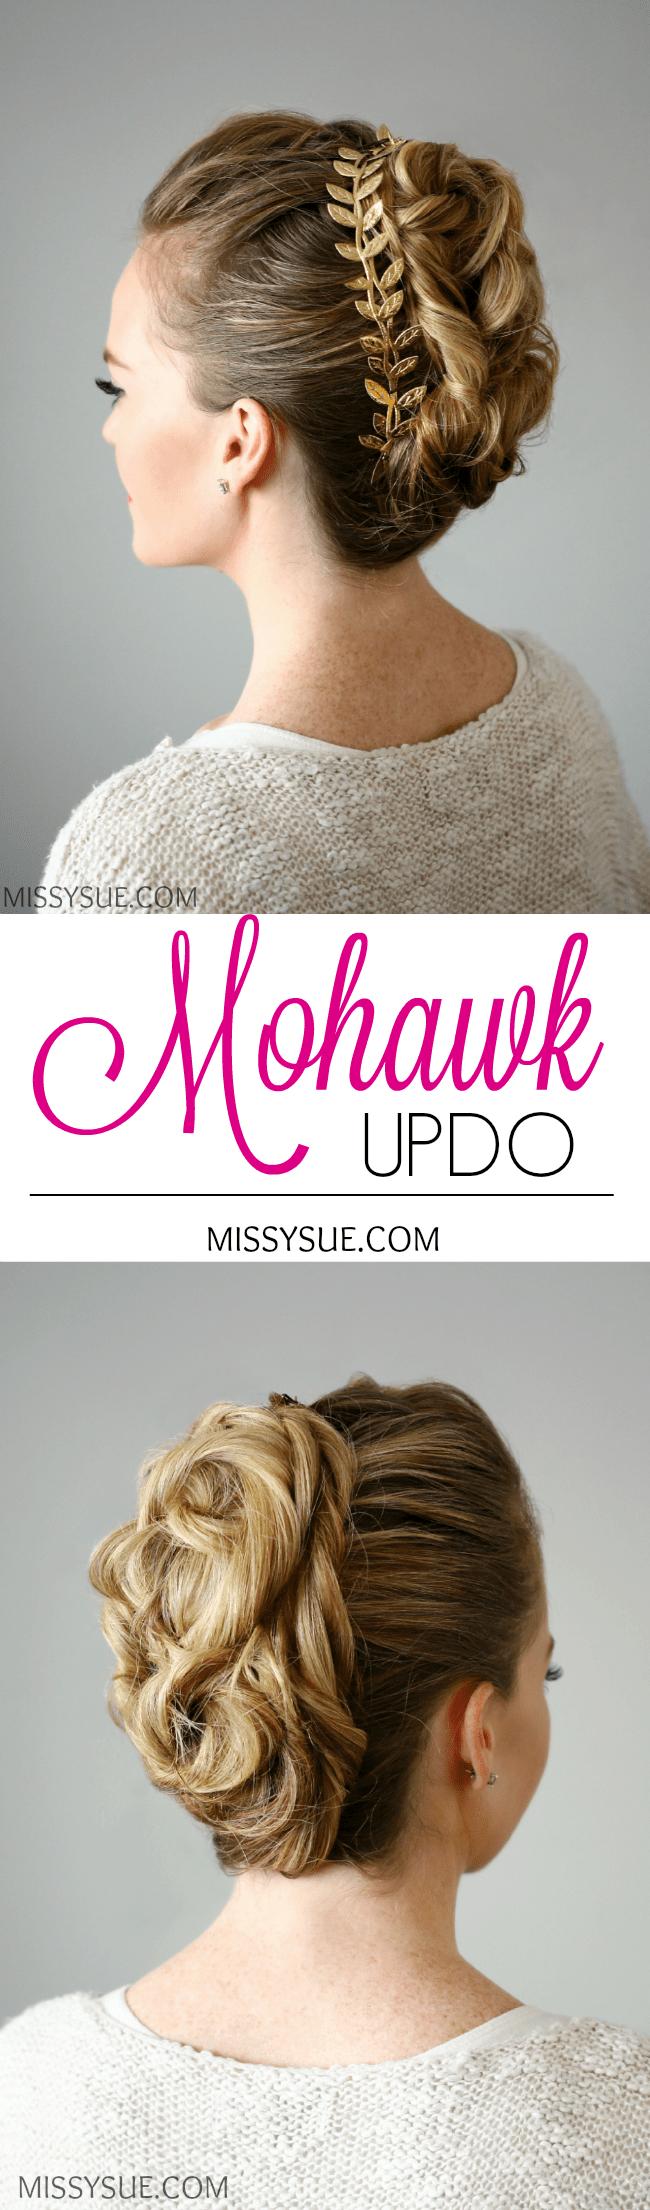 Mohawk Updo